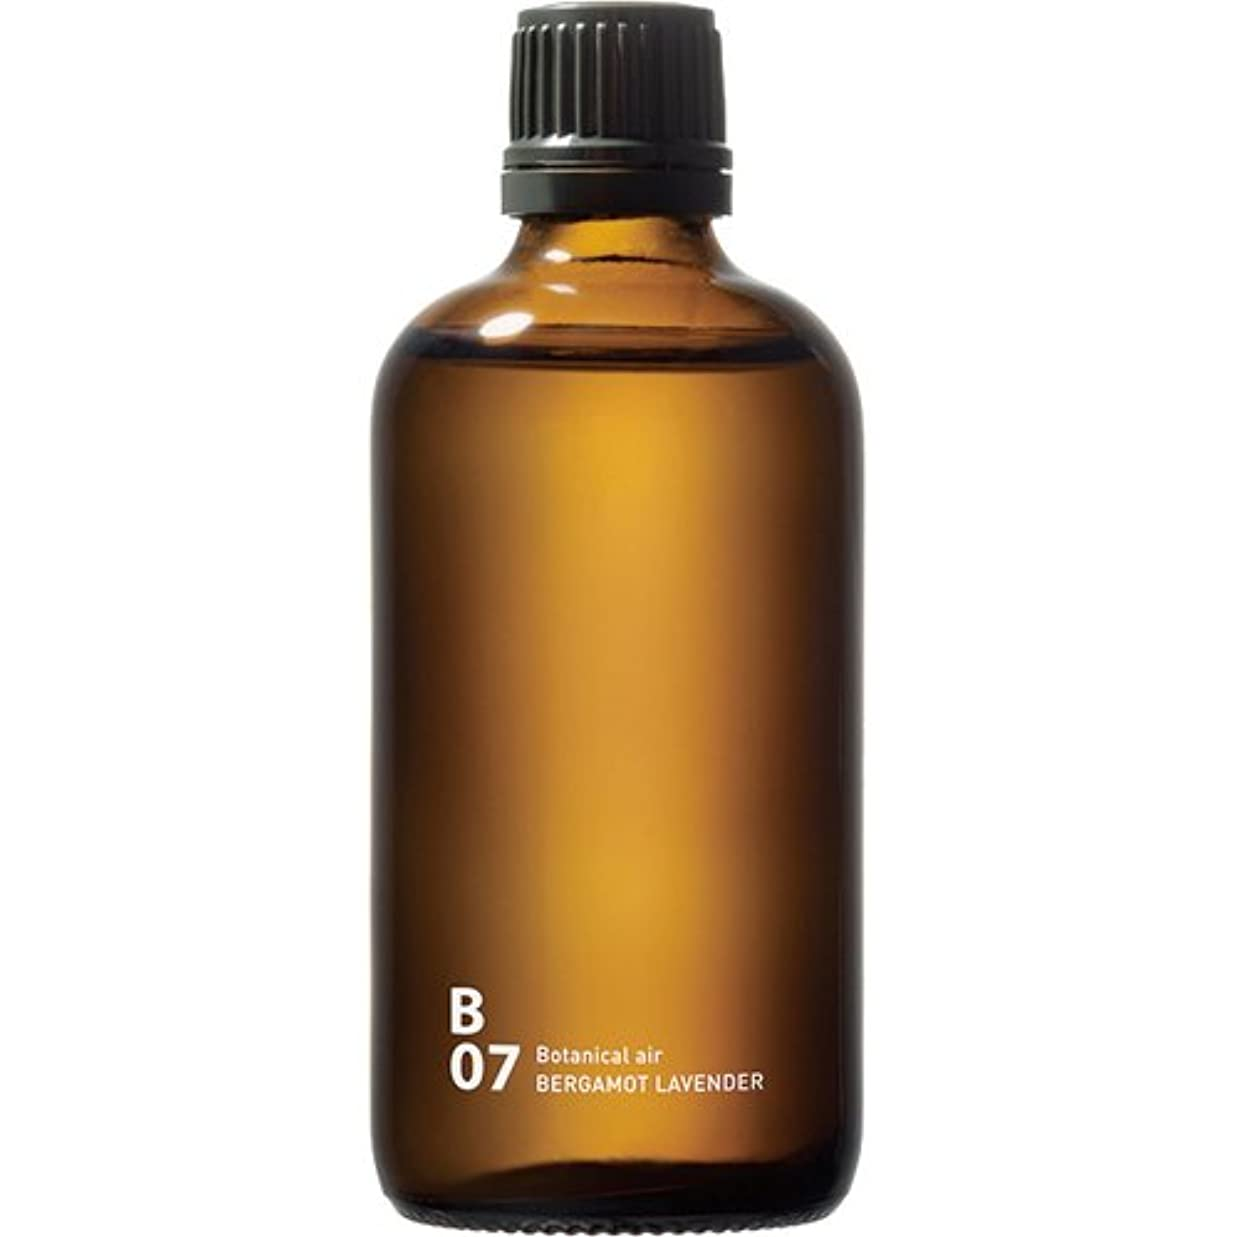 毛細血管マイク所有者B07 BERGAMOT LAVENDER piezo aroma oil 100ml